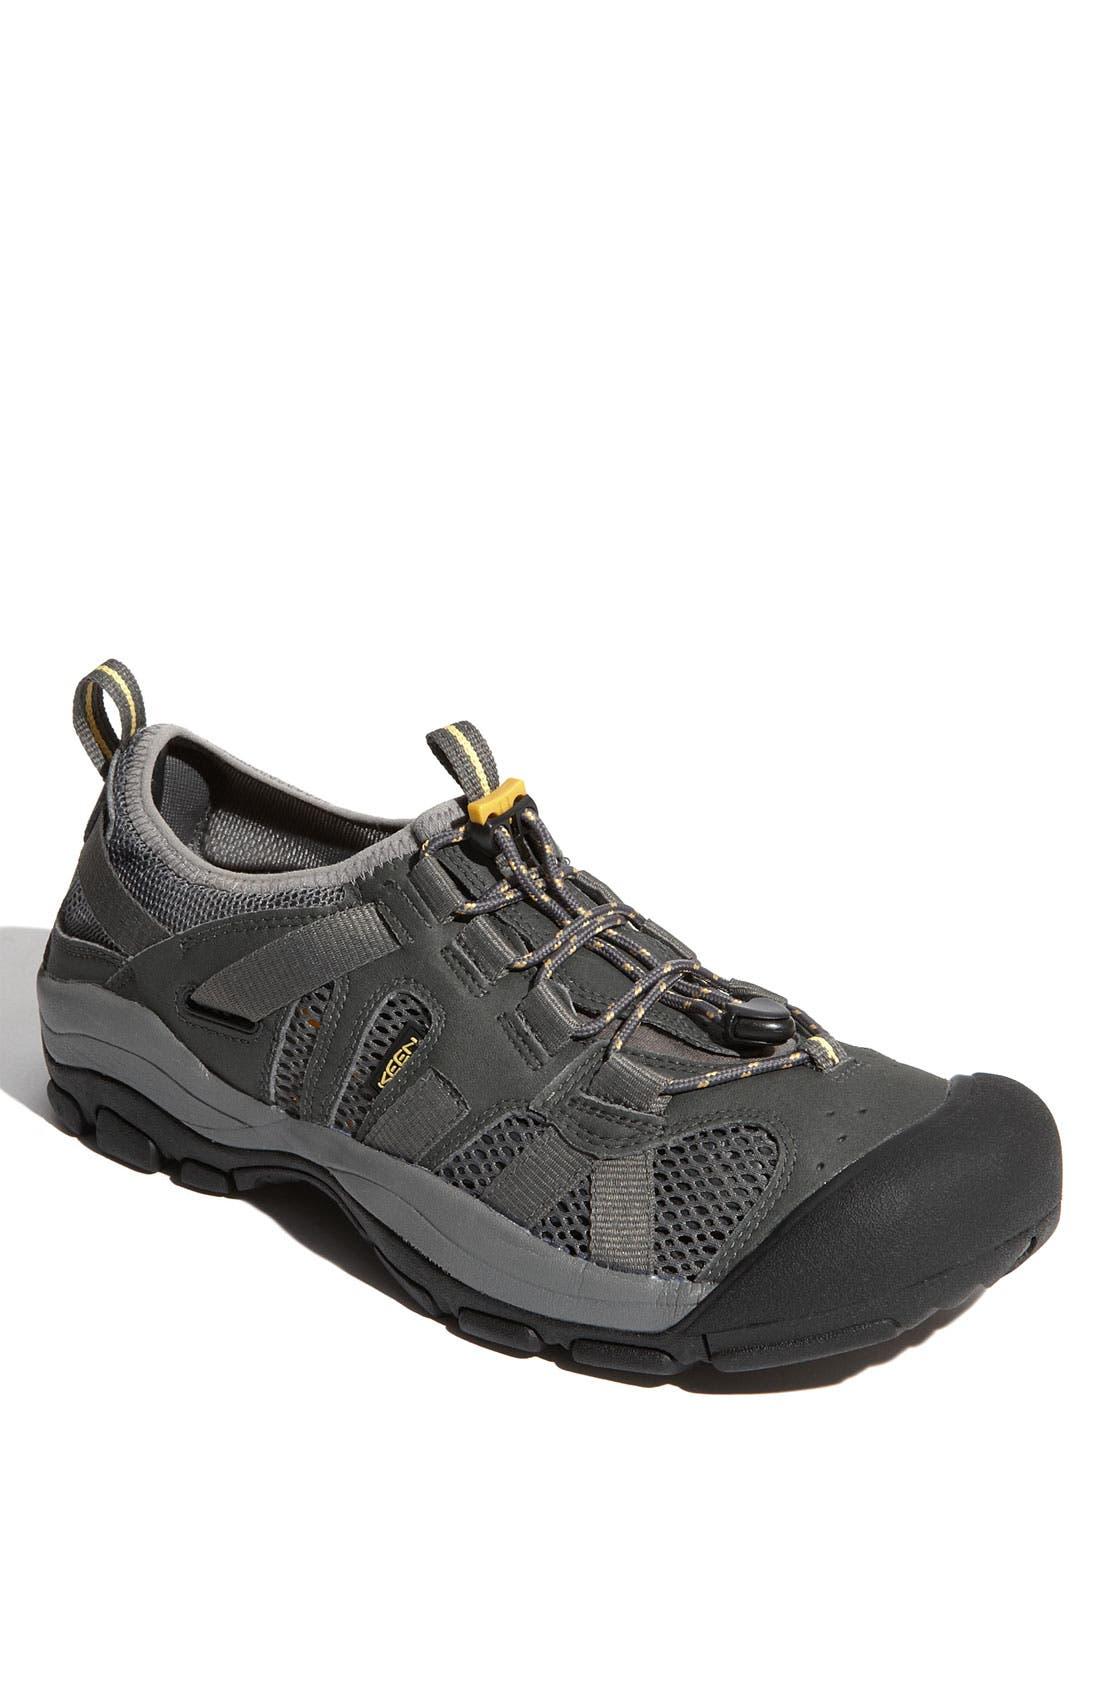 Main Image - Keen 'McKenzie' Water Shoe (Men)